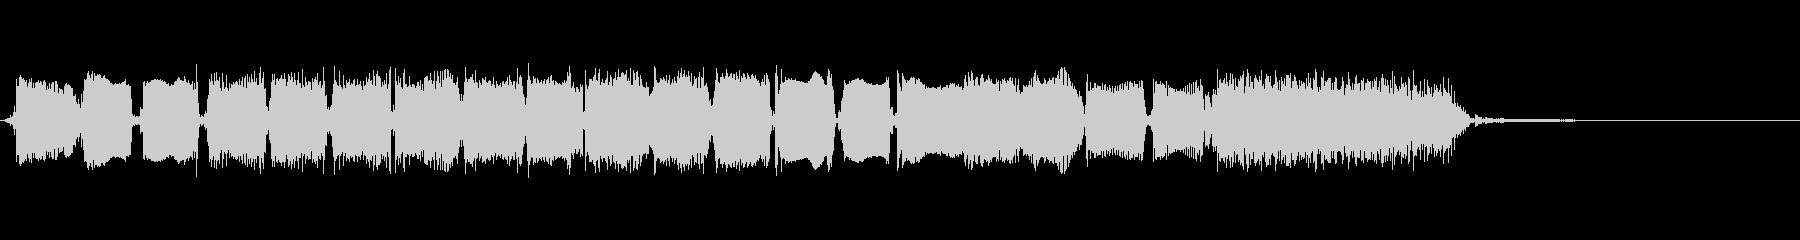 ロックンロールイントロ風ギターのジングルの未再生の波形